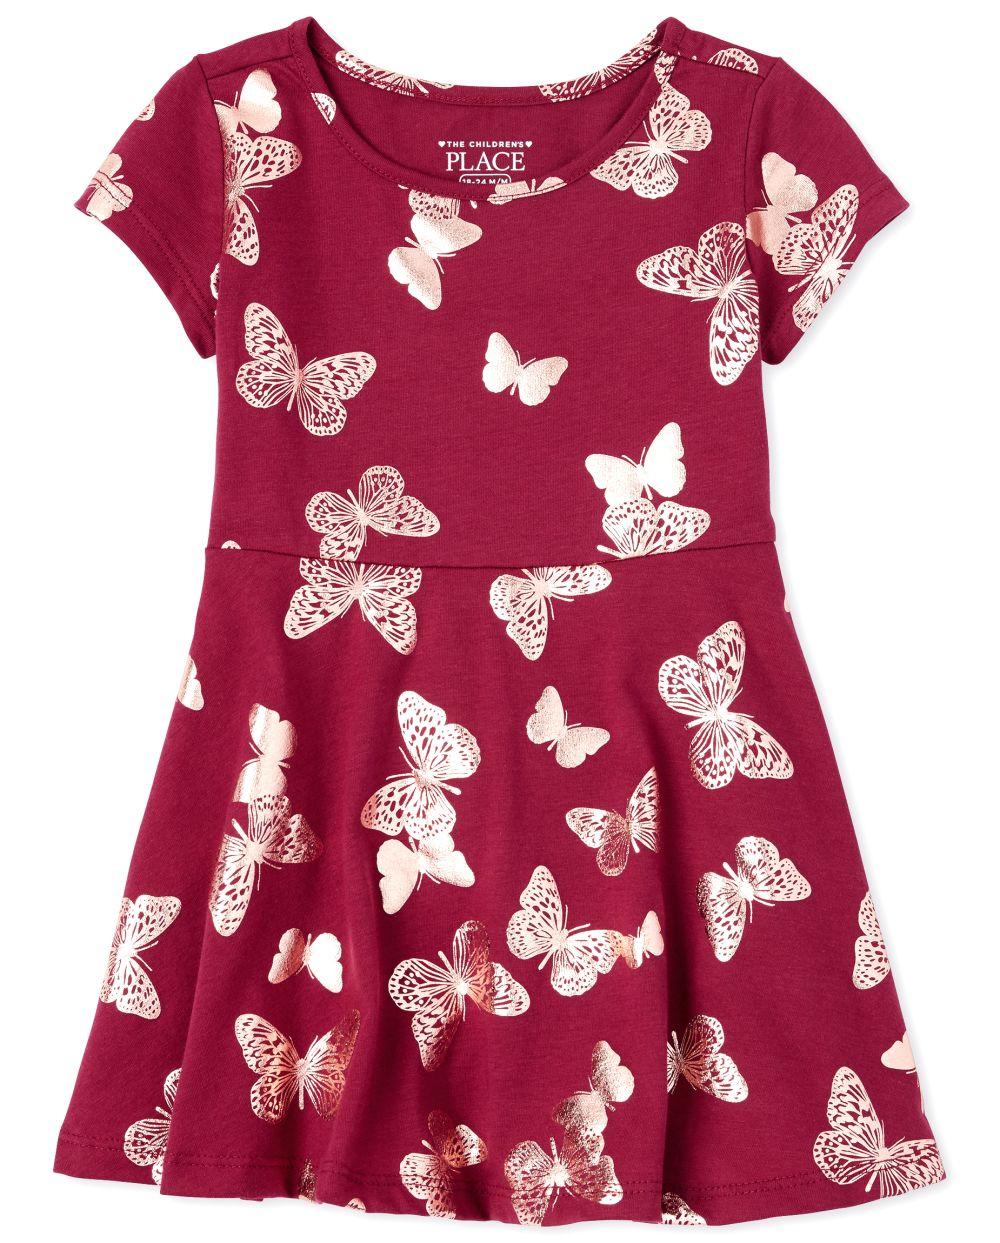 Vestido skater con estampado de mariposa y estampado de flores para bebés y niñas pequeñas